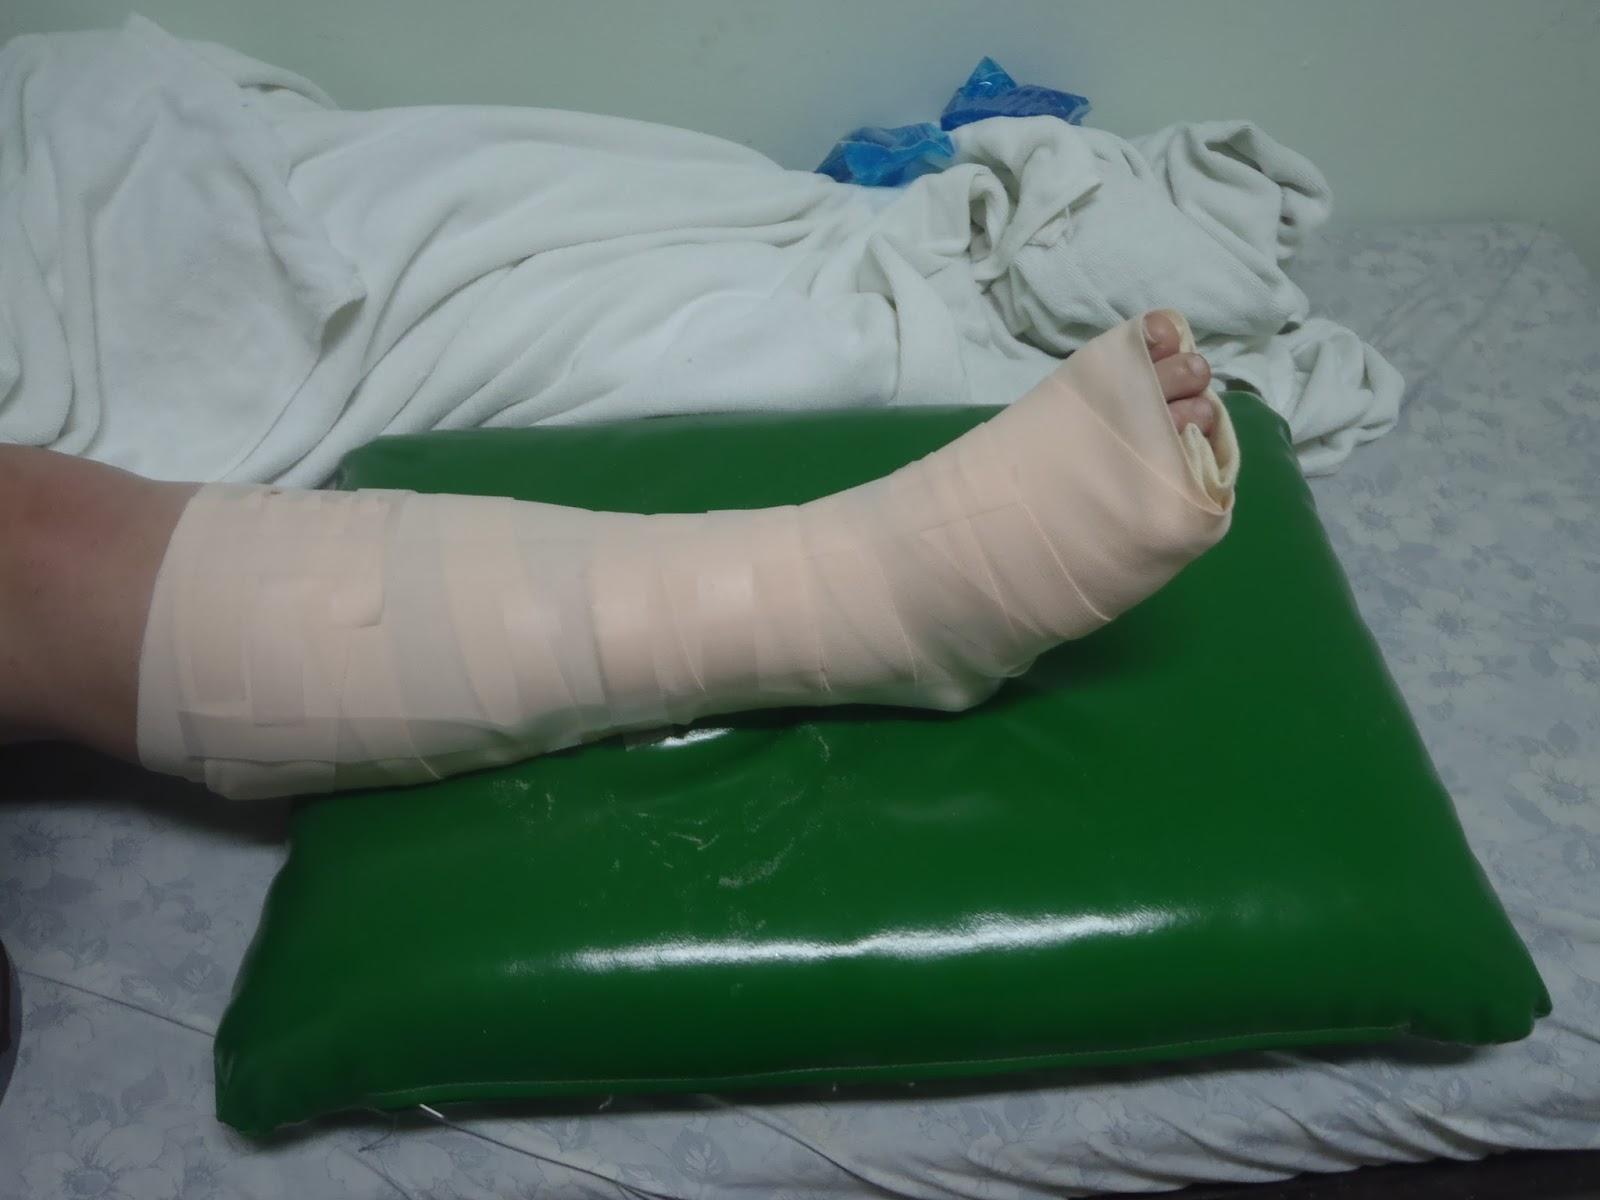 Broken leg in Thailand hospital